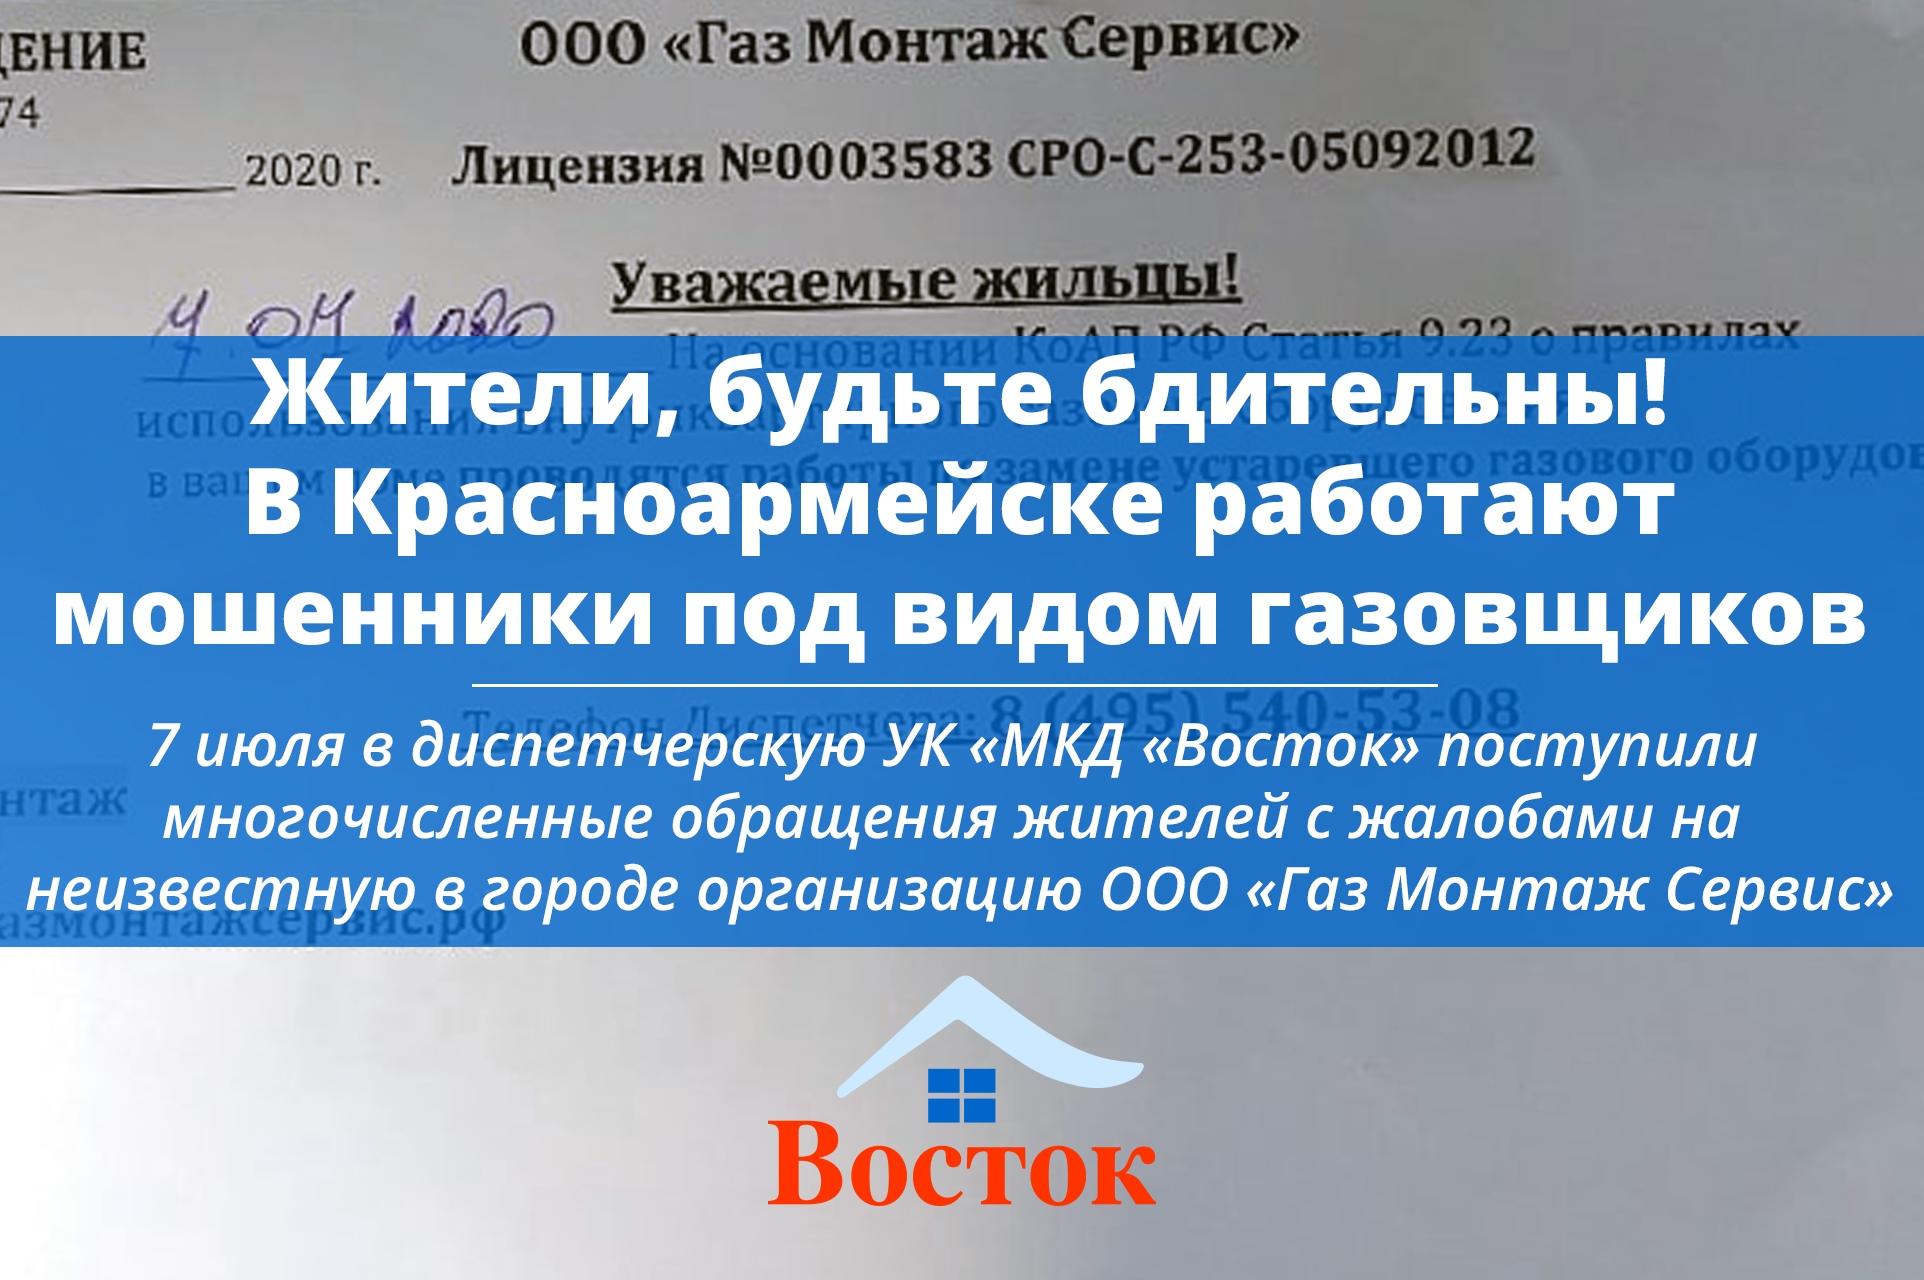 Будьте осторожны, в Красноармейск нагрянули мошенники под видом газовщиков